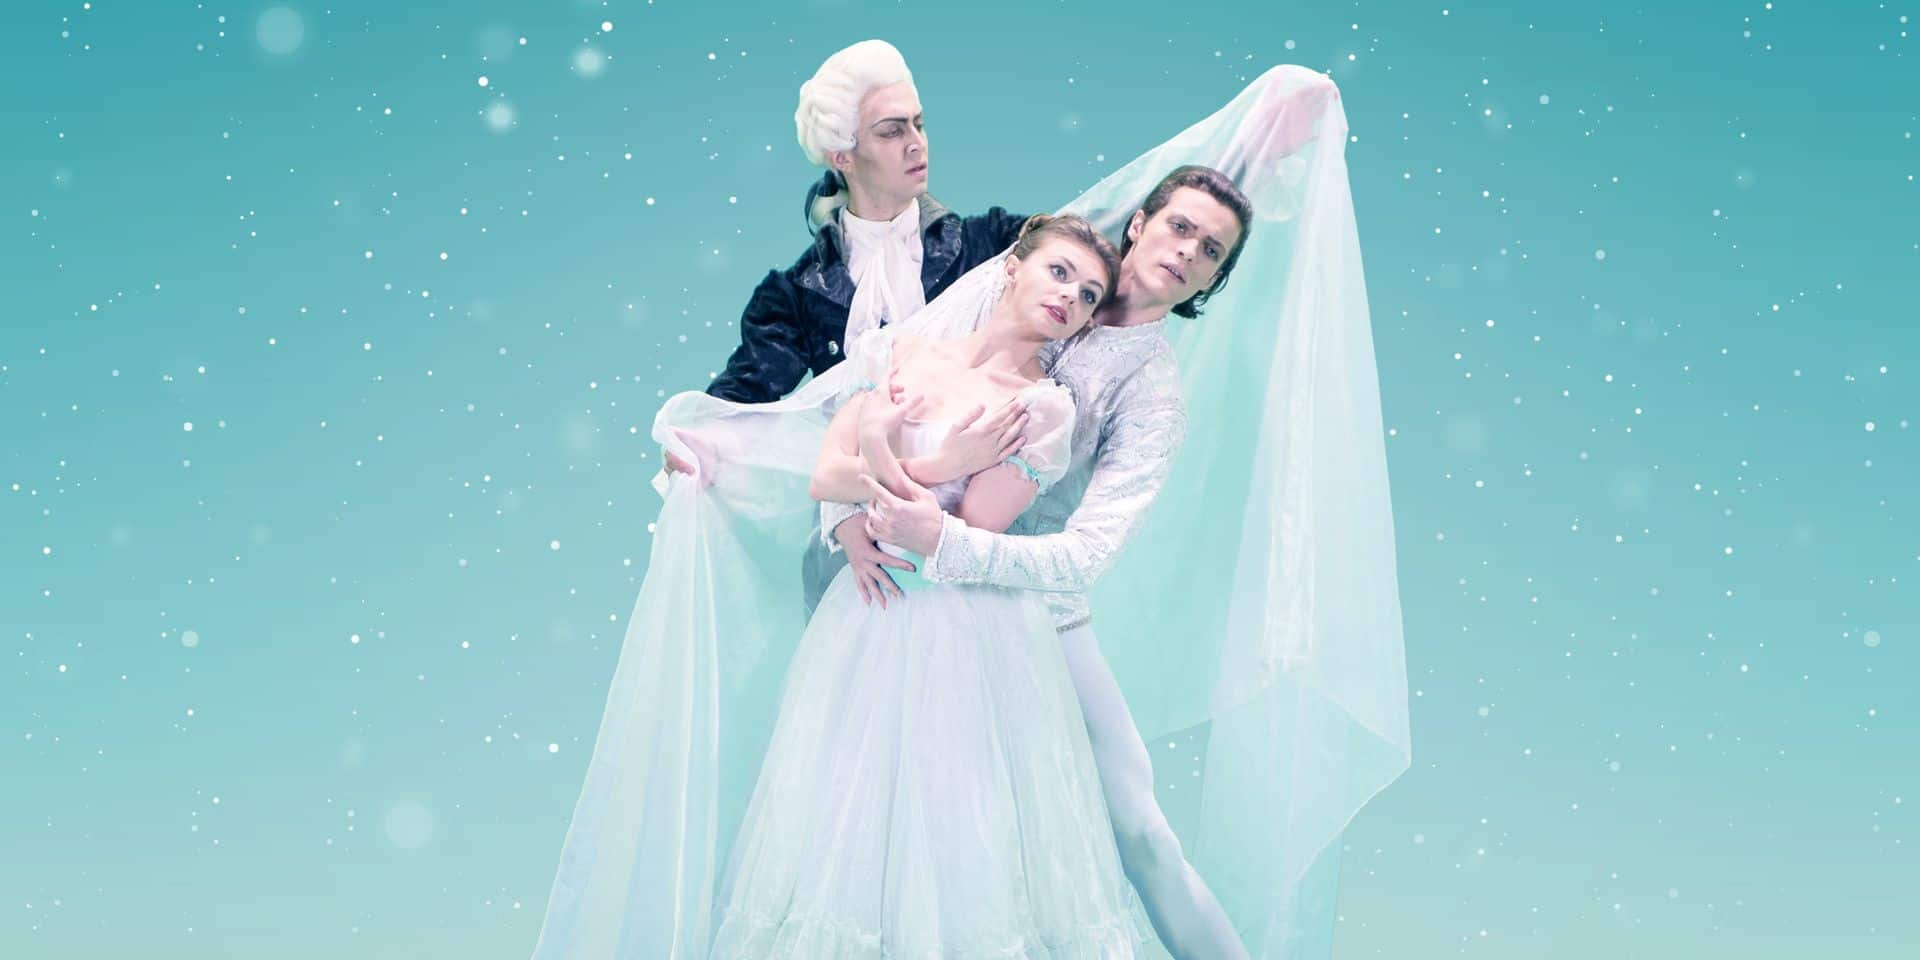 """Concours réservé aux abonnés : La Libre vous offre des tickets pour """"Casse Noisette"""" (Saint Petersburg Classical Ballet) à Bruxelles, Liège et Namur"""